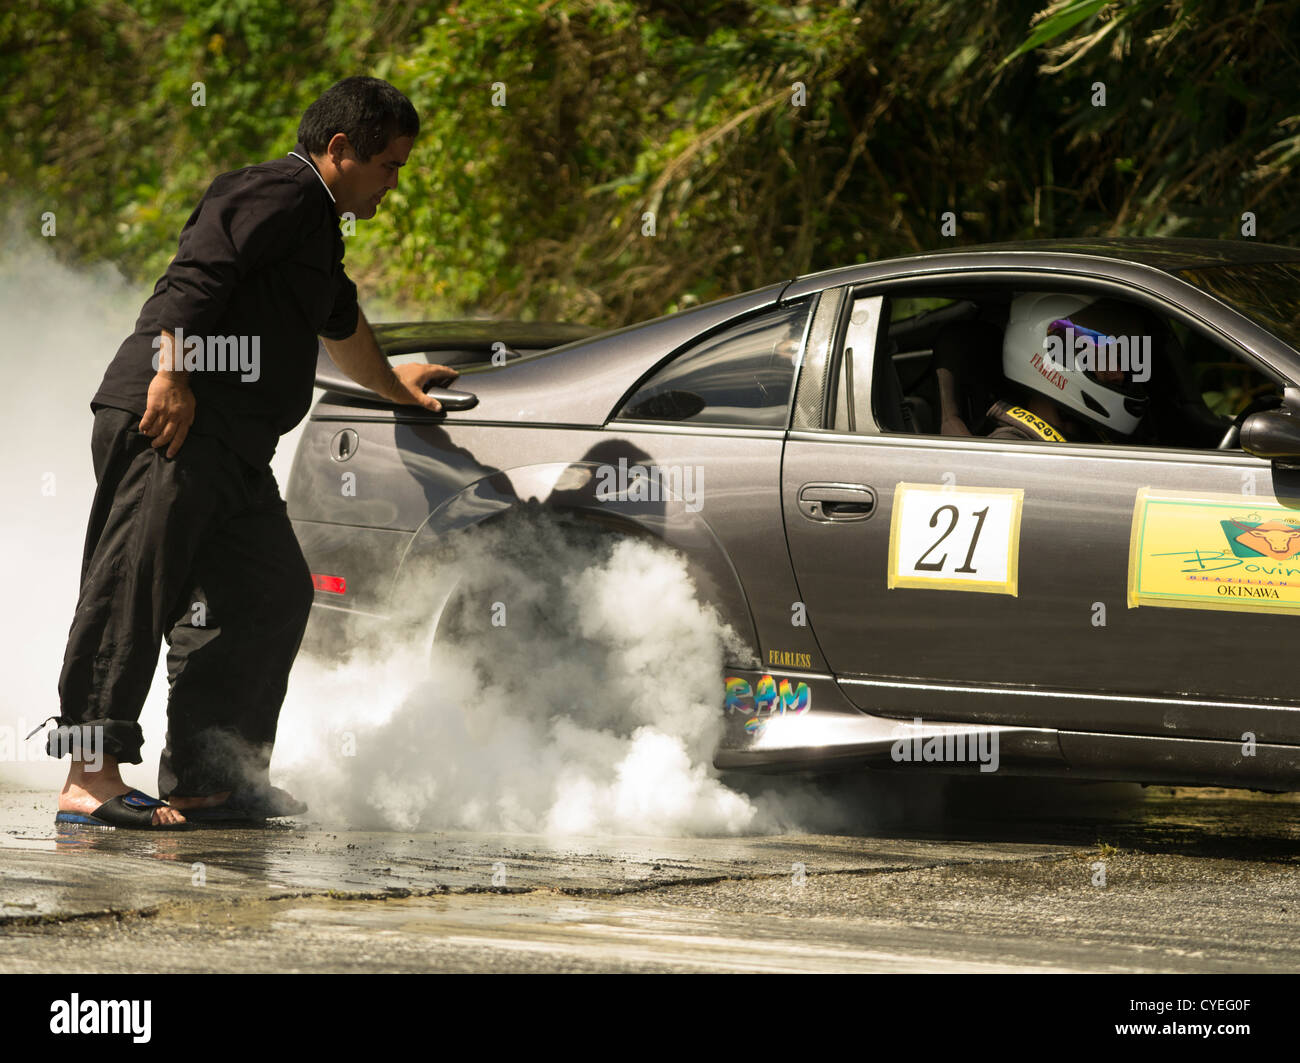 Faites glisser Okinawan Racers effectuer un burnout pour chauffer les pneus avant la course Photo Stock